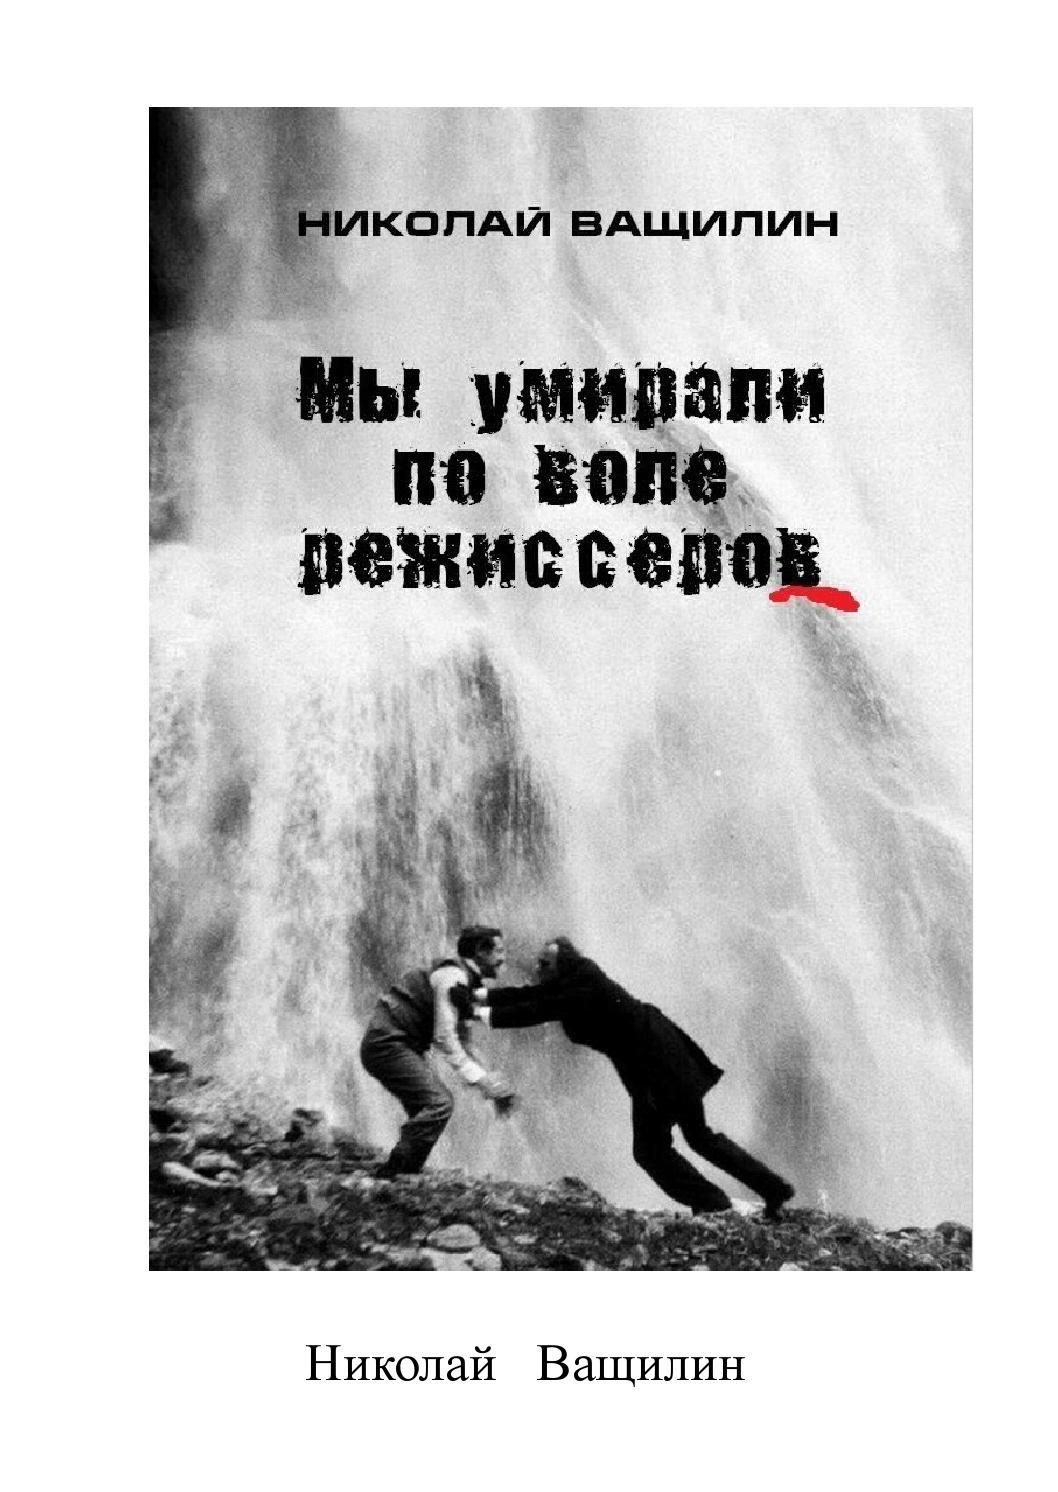 Наталья Андрейченко Спит С Распахнутой Рубашкой – Тихий Дон (1992)